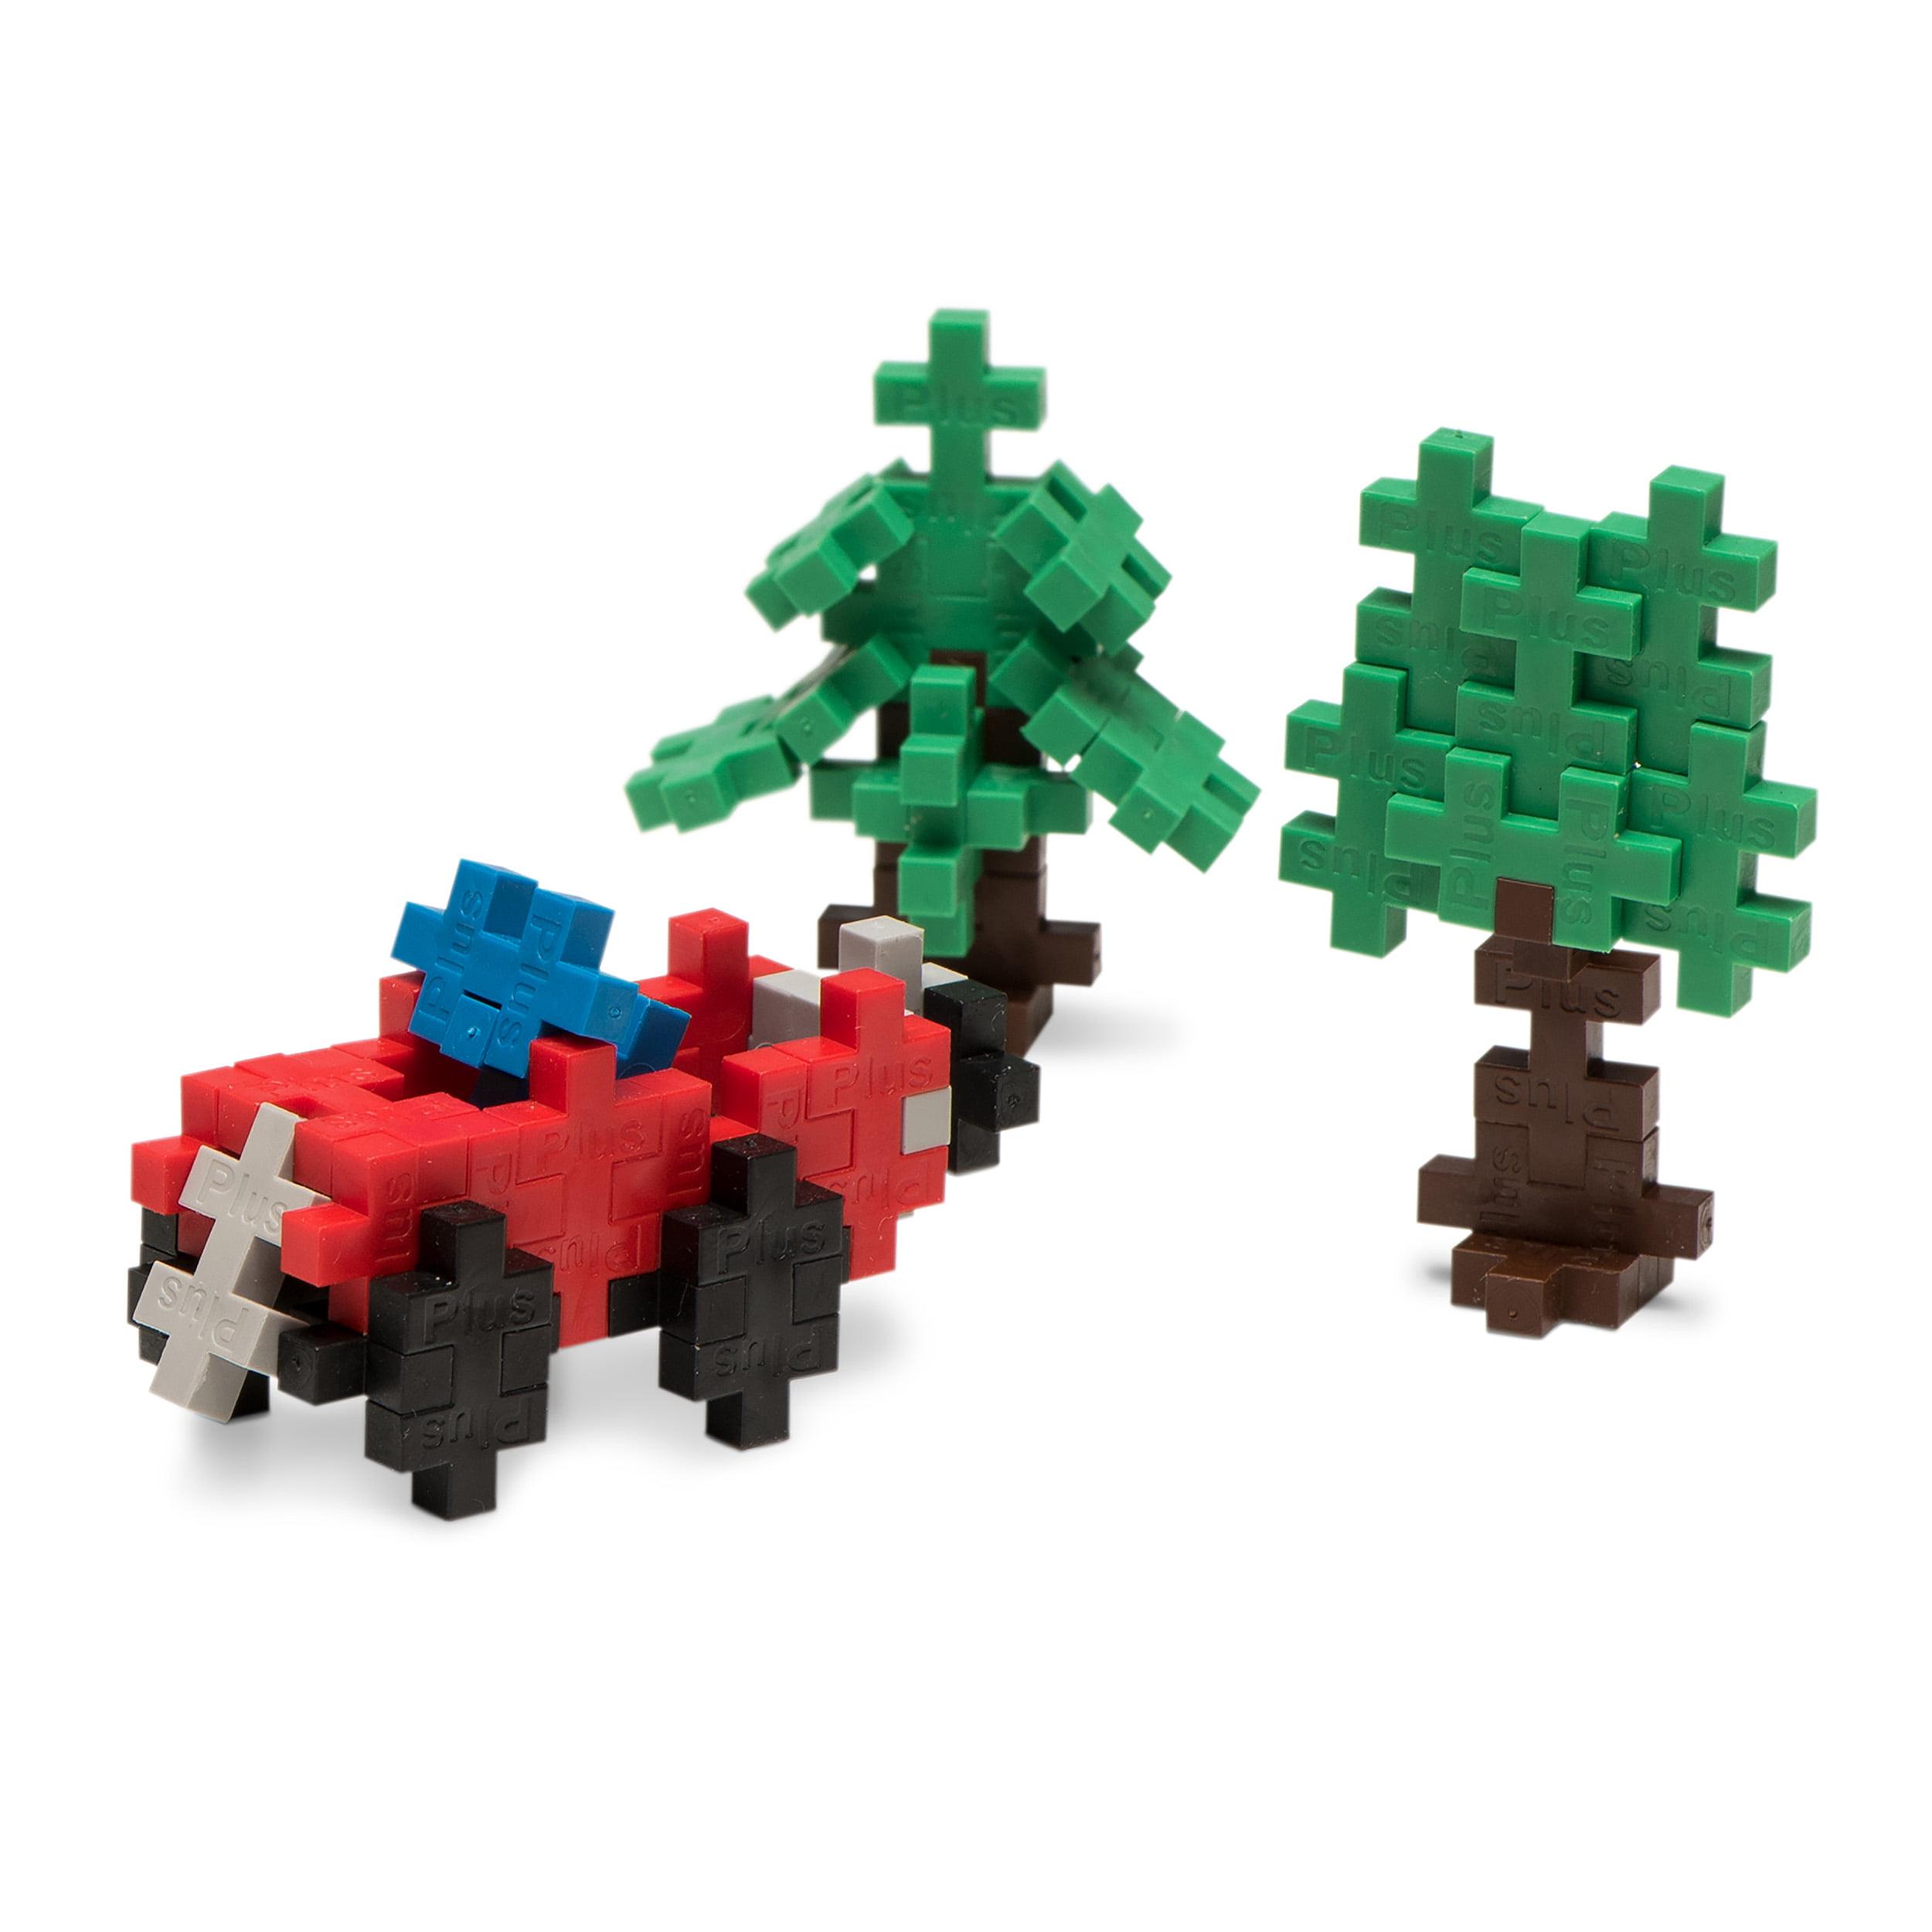 Construction Building Stem//Steam Toy Mini Puz 240 Piece Basic Mix PLUS PLUS